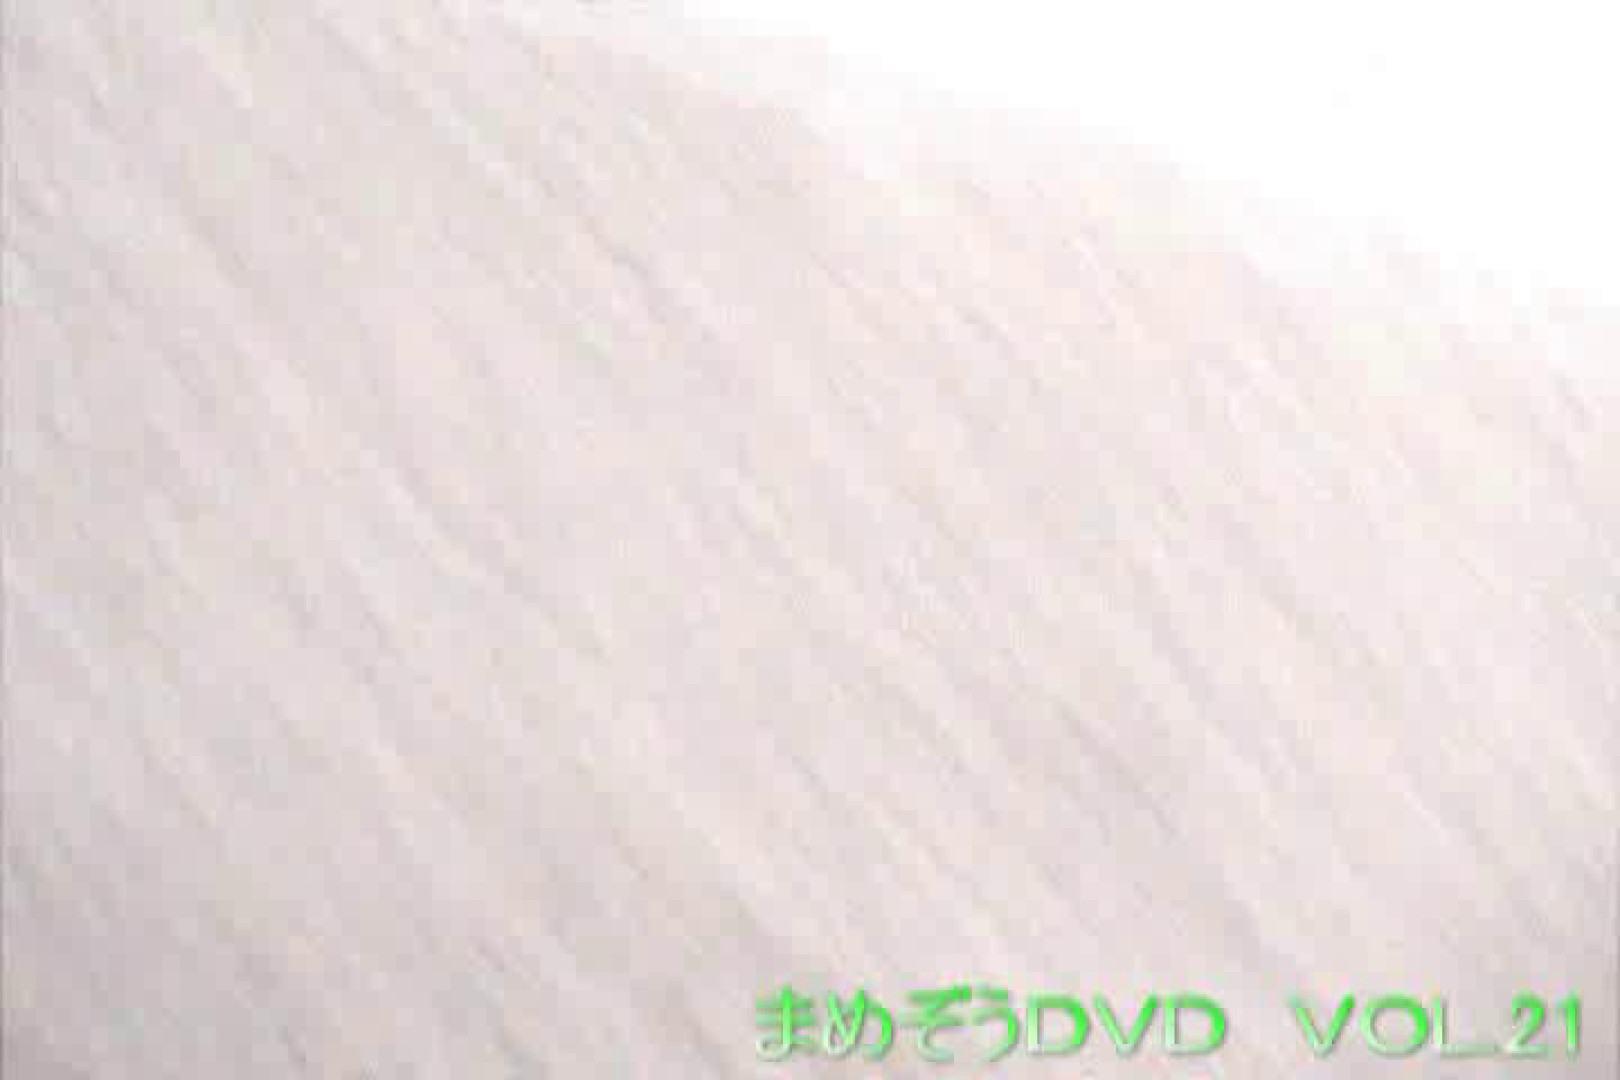 まめぞうDVD完全版VOL.21 洗面所 | ギャル攻め  91画像 1